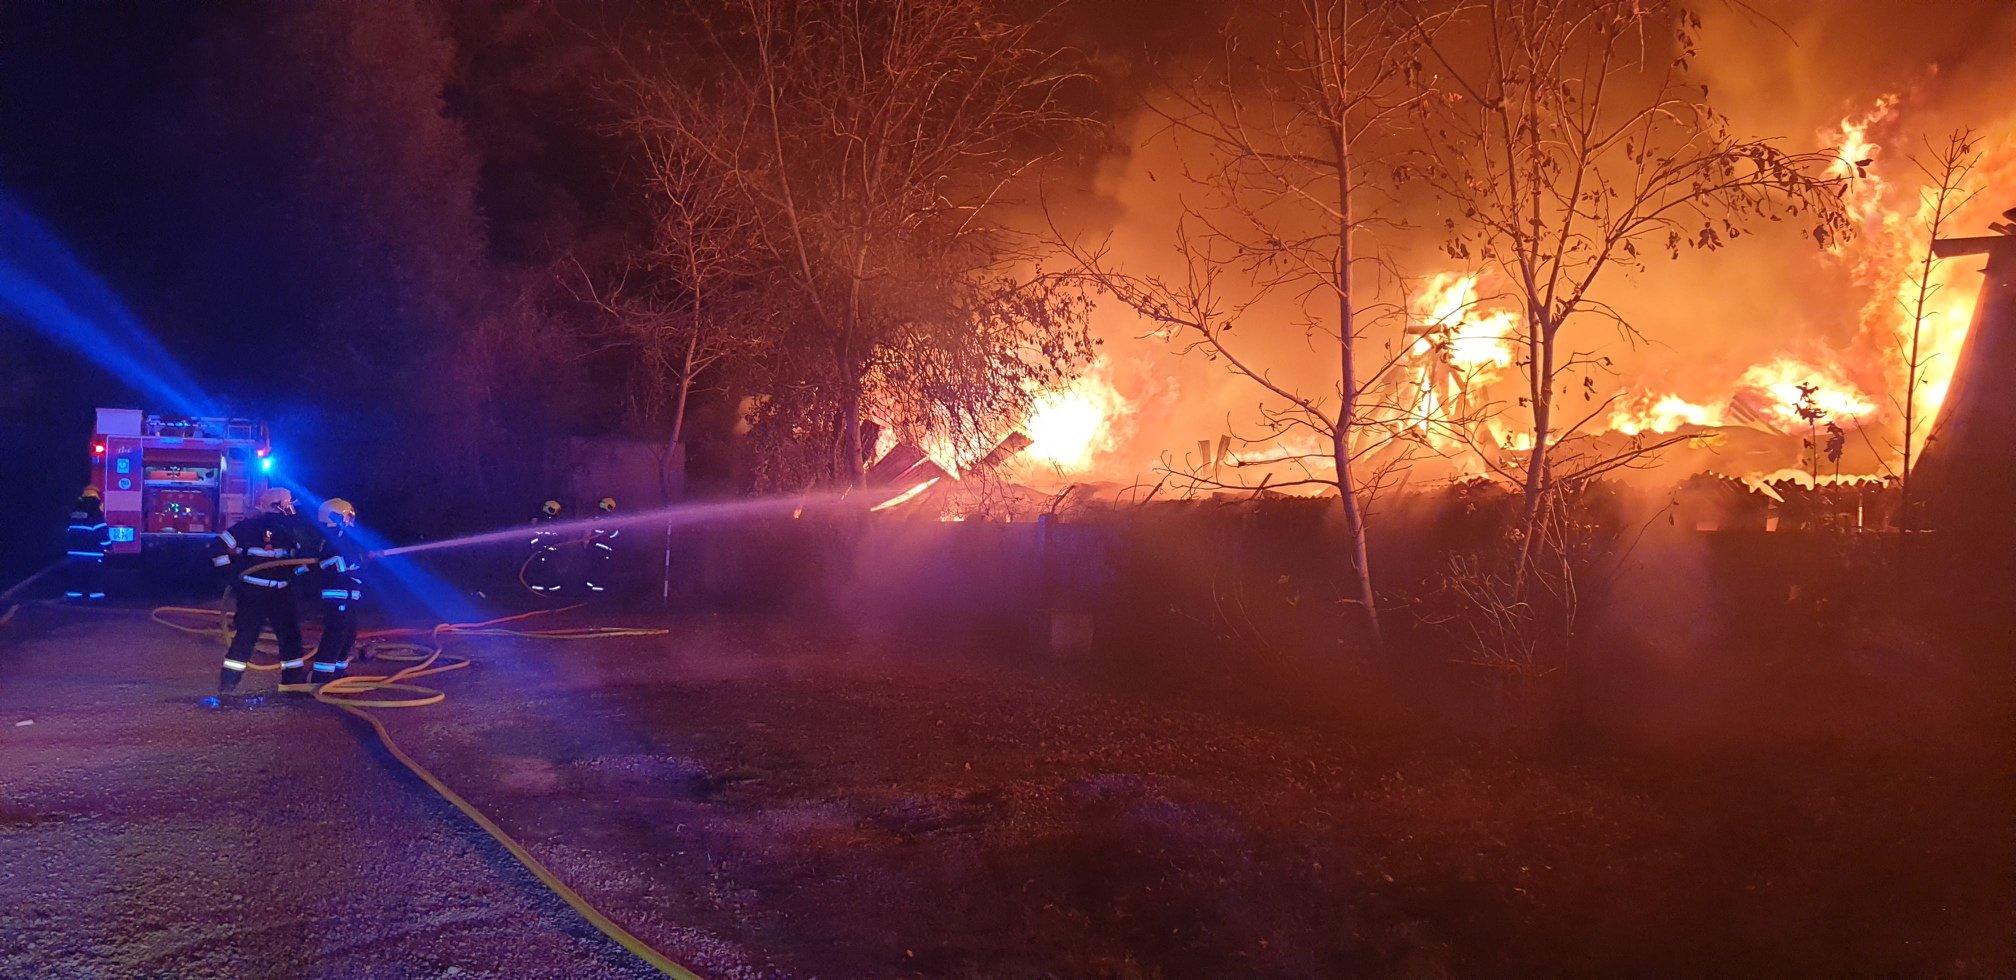 zasahující hasiči SDH Zastávka při Požár Ivančice 27.10.2018 Ekotex